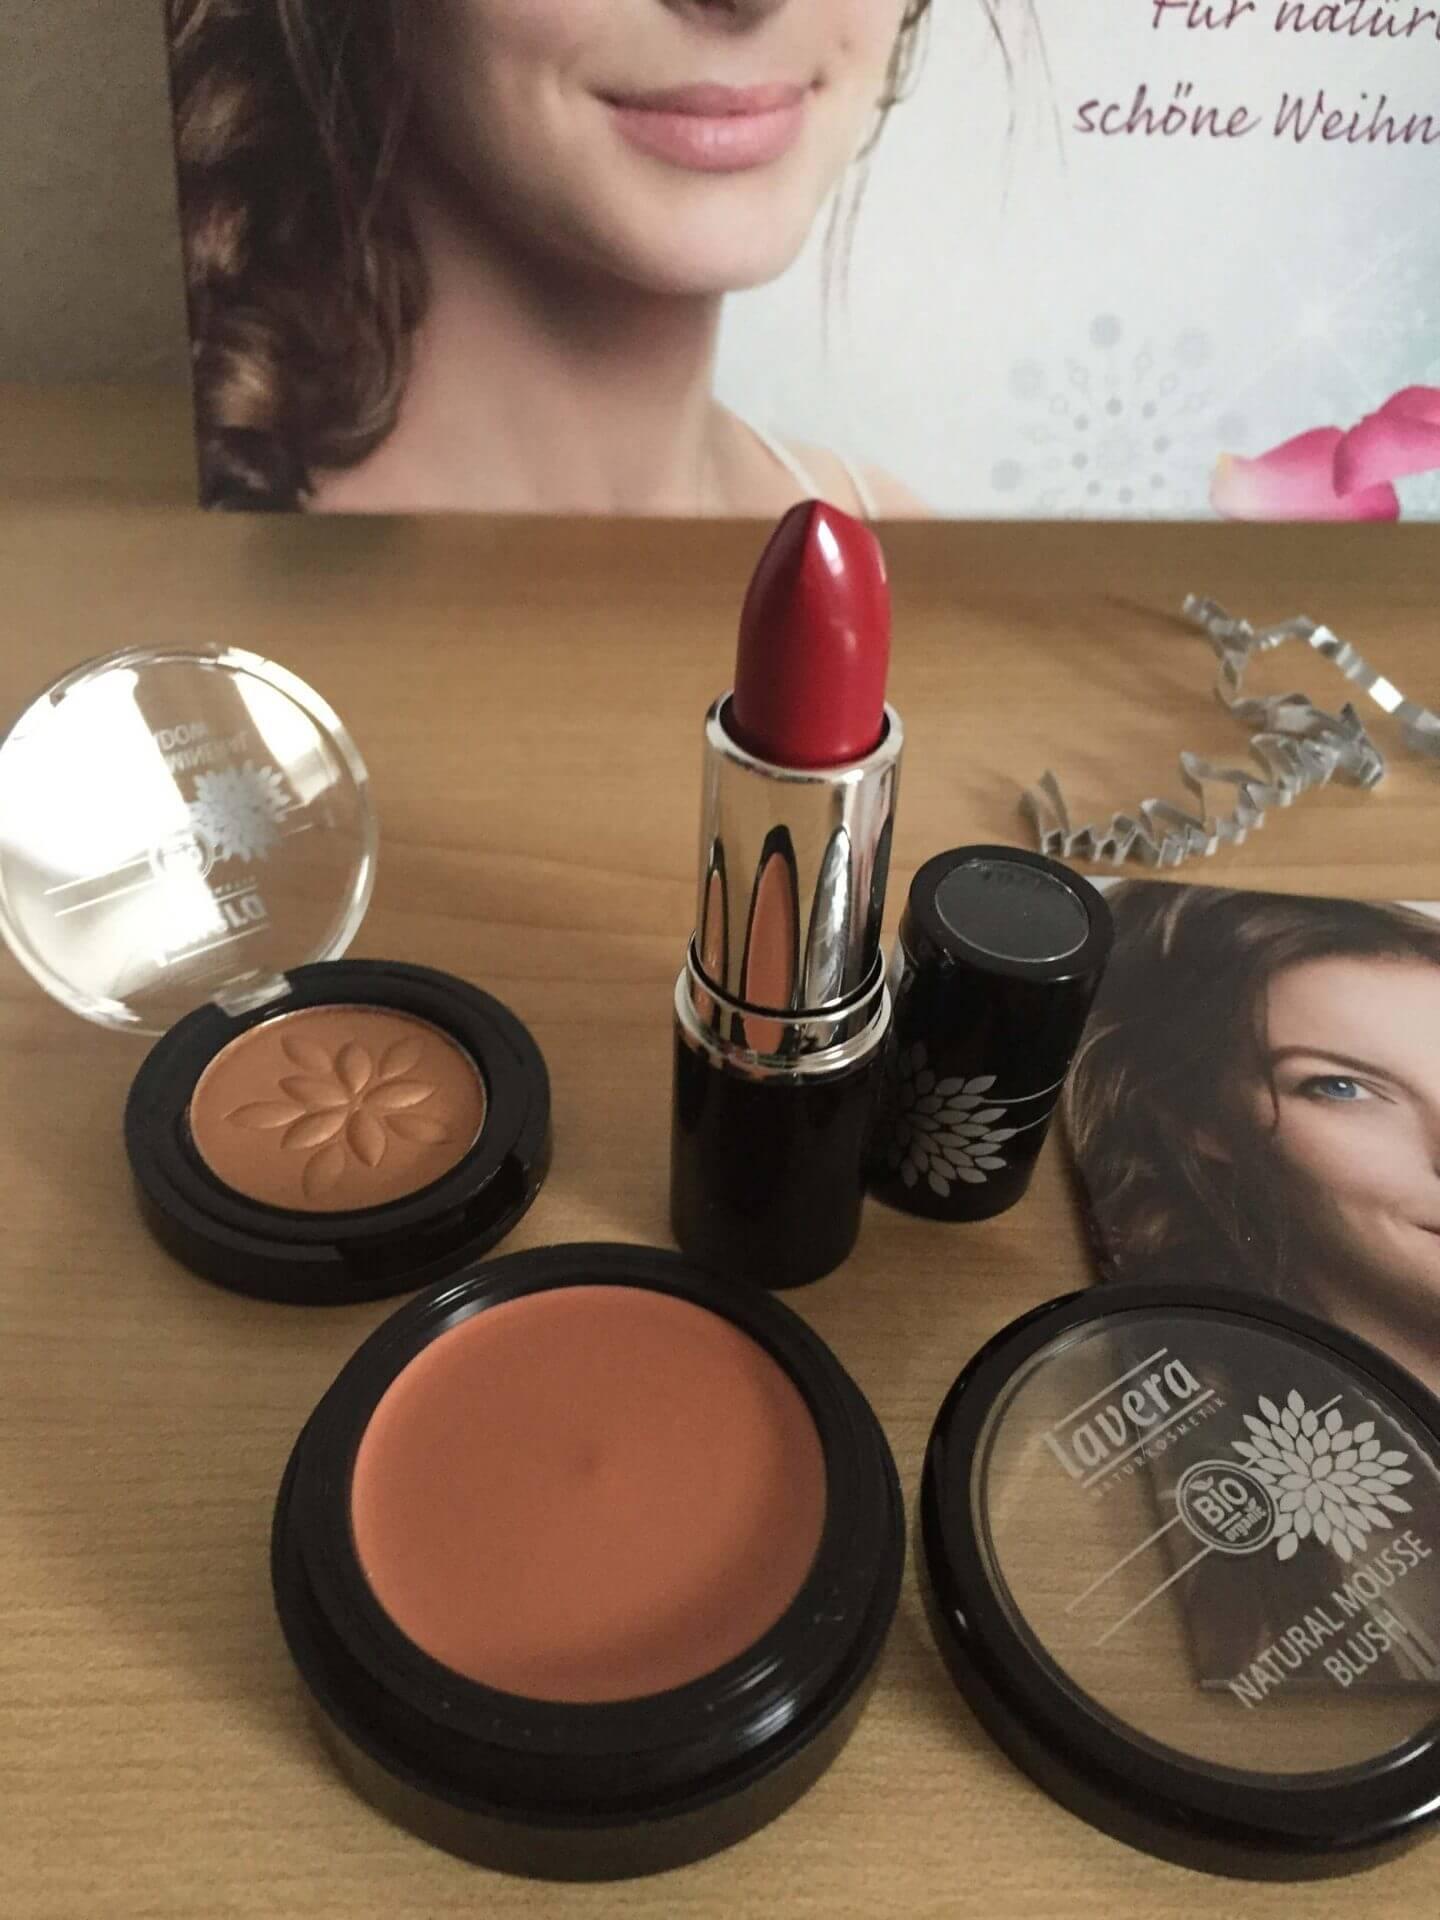 Lavera Lippenstift, Blush und Eyeshadow